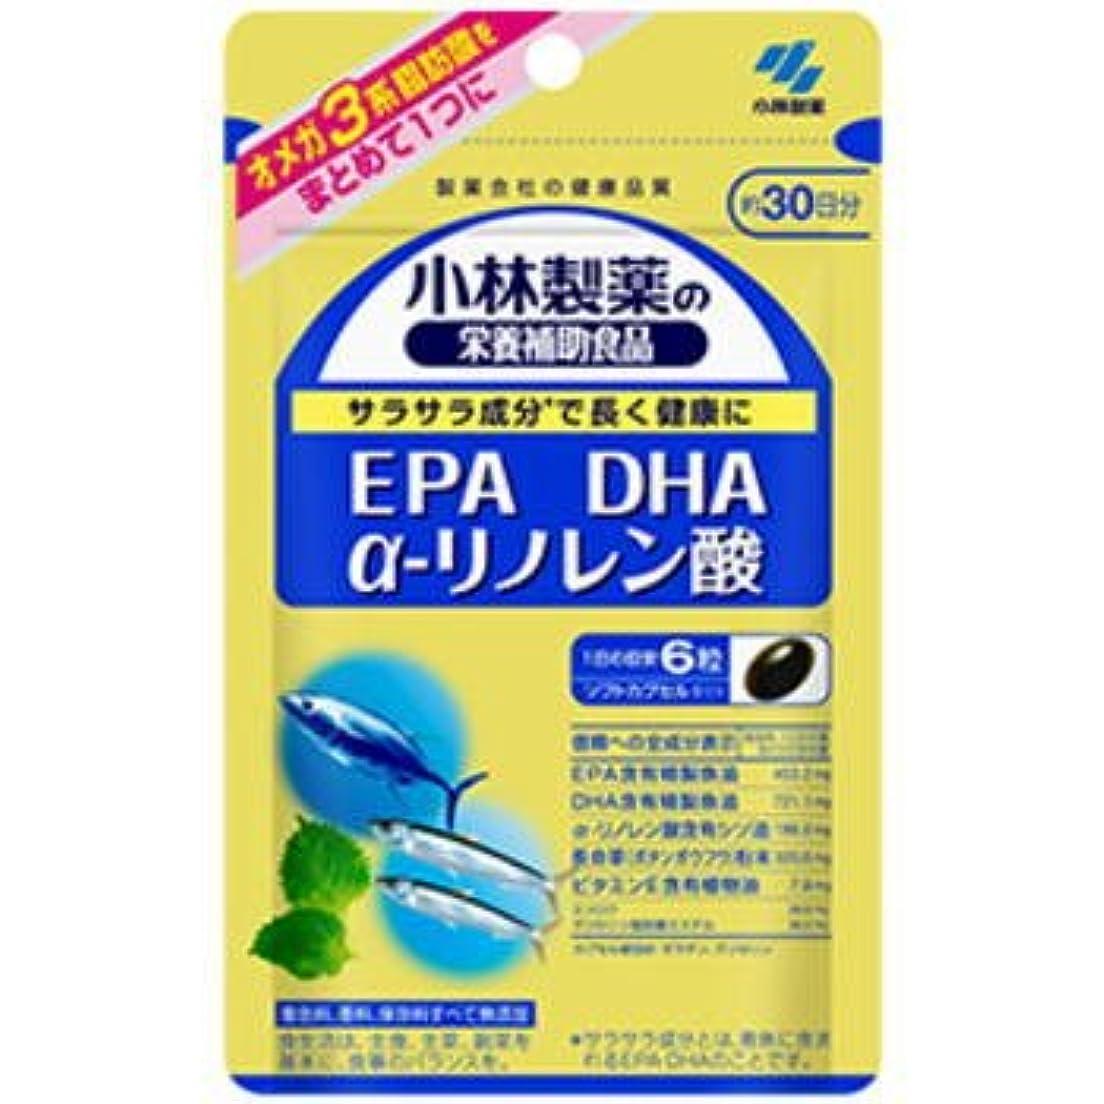 複雑なわざわざ首謀者小林製薬 EPA DHA α-リノレン酸 180粒【ネコポス発送】